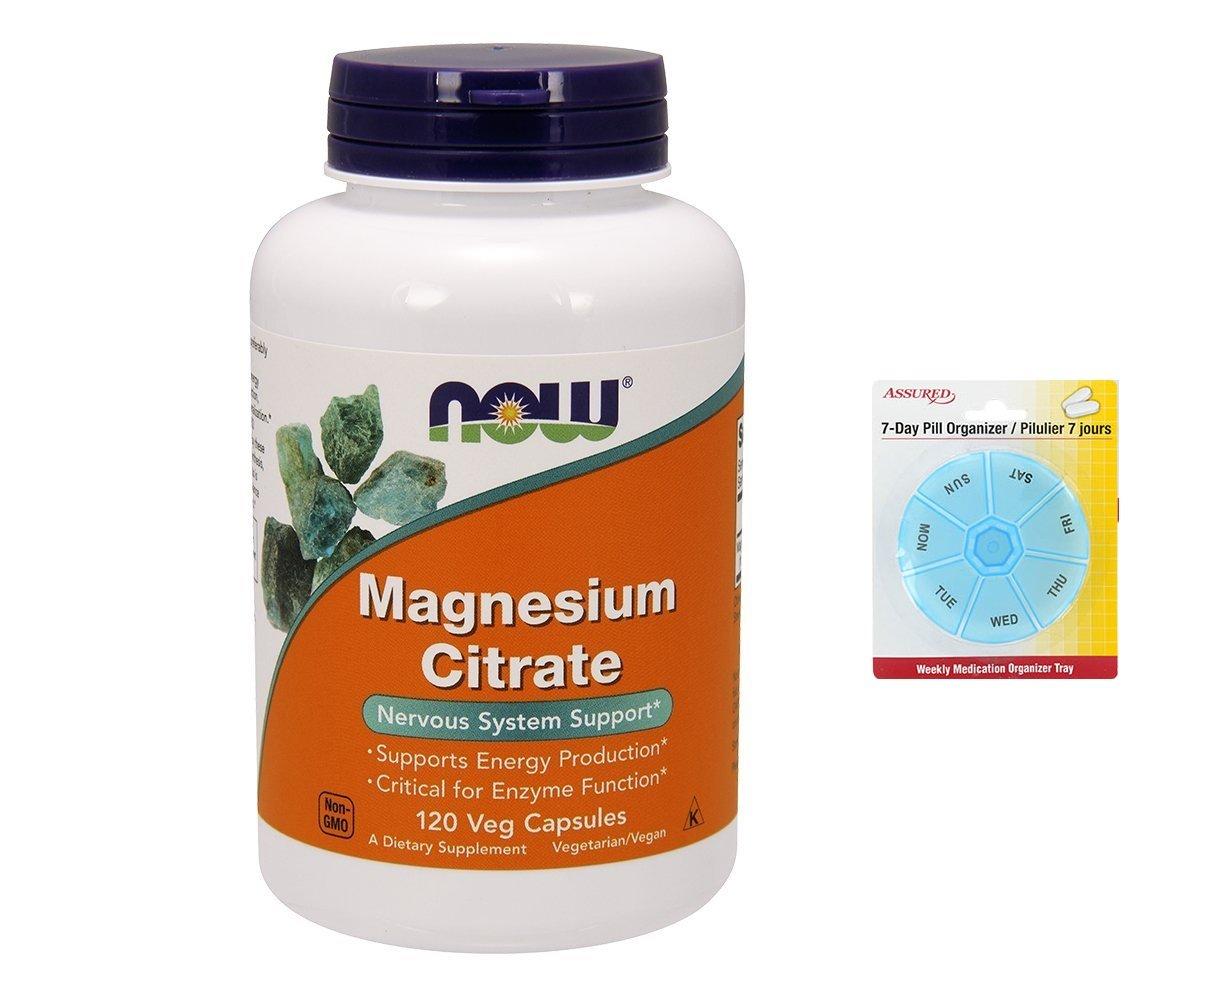 Amazon.com: AHORA citrato de magnesio, 120 vegetales cápsulas con gratis 7 días plástico píldora organizadores: Health & Personal Care